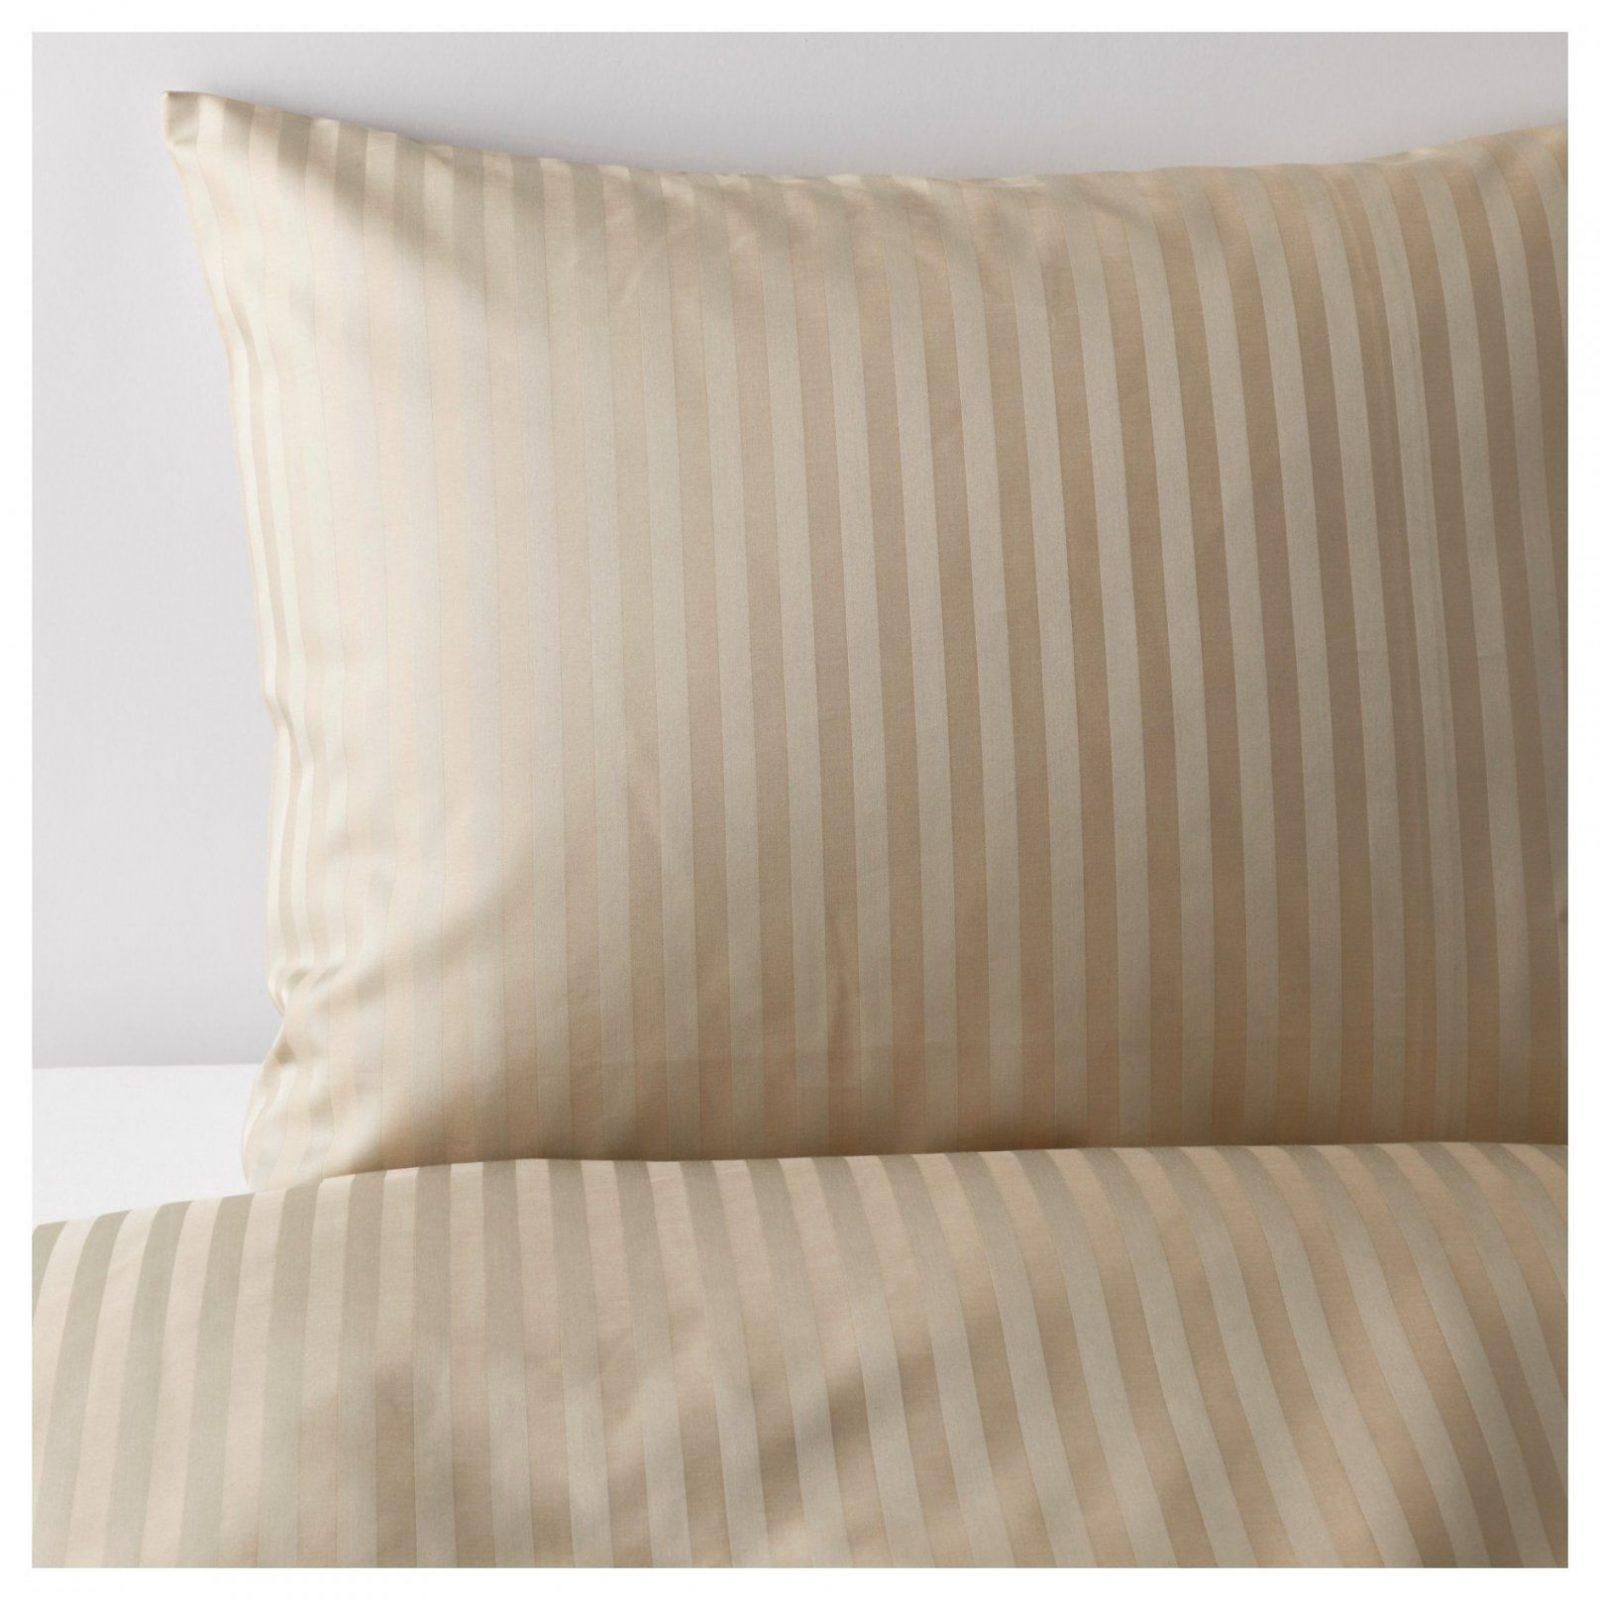 Groß Bettwäsche Günstig Online Kaufen Ikea Für Bettwäsche Schwarz von Flanell Bettwäsche Ikea Bild